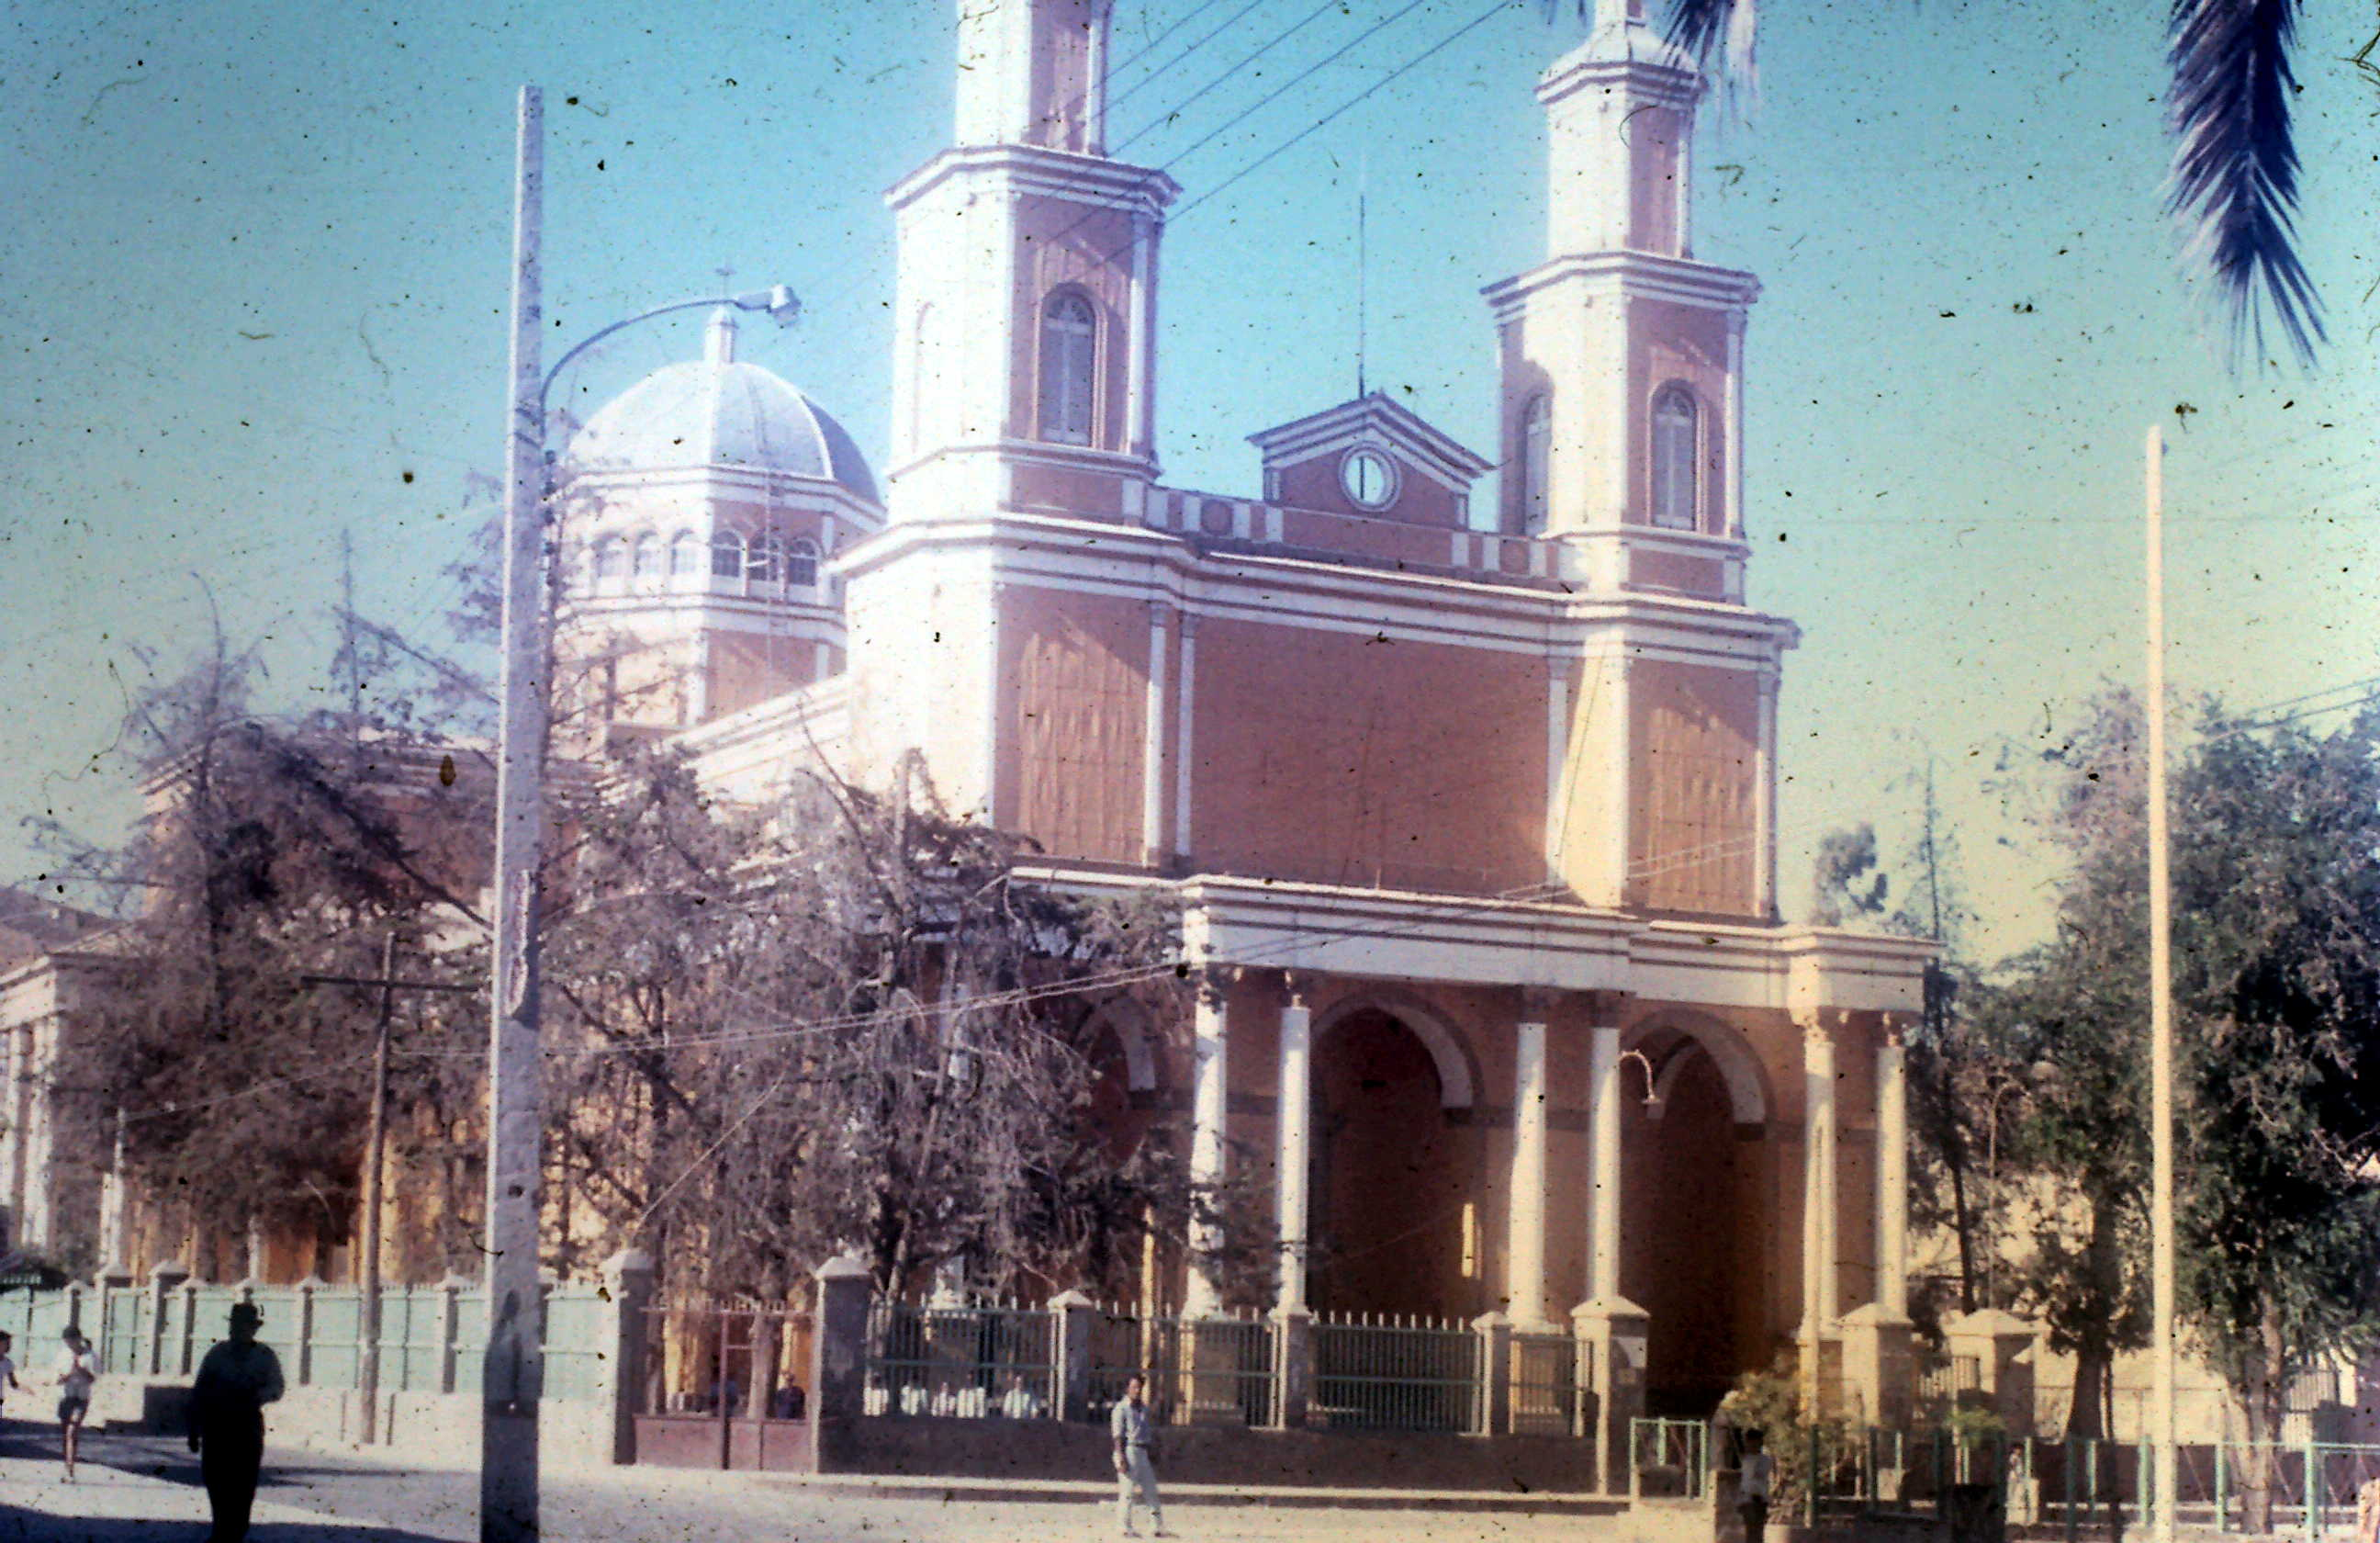 Enterreno - Fotos históricas de chile - fotos antiguas de Chile - Verano de 1972 en Andacollo